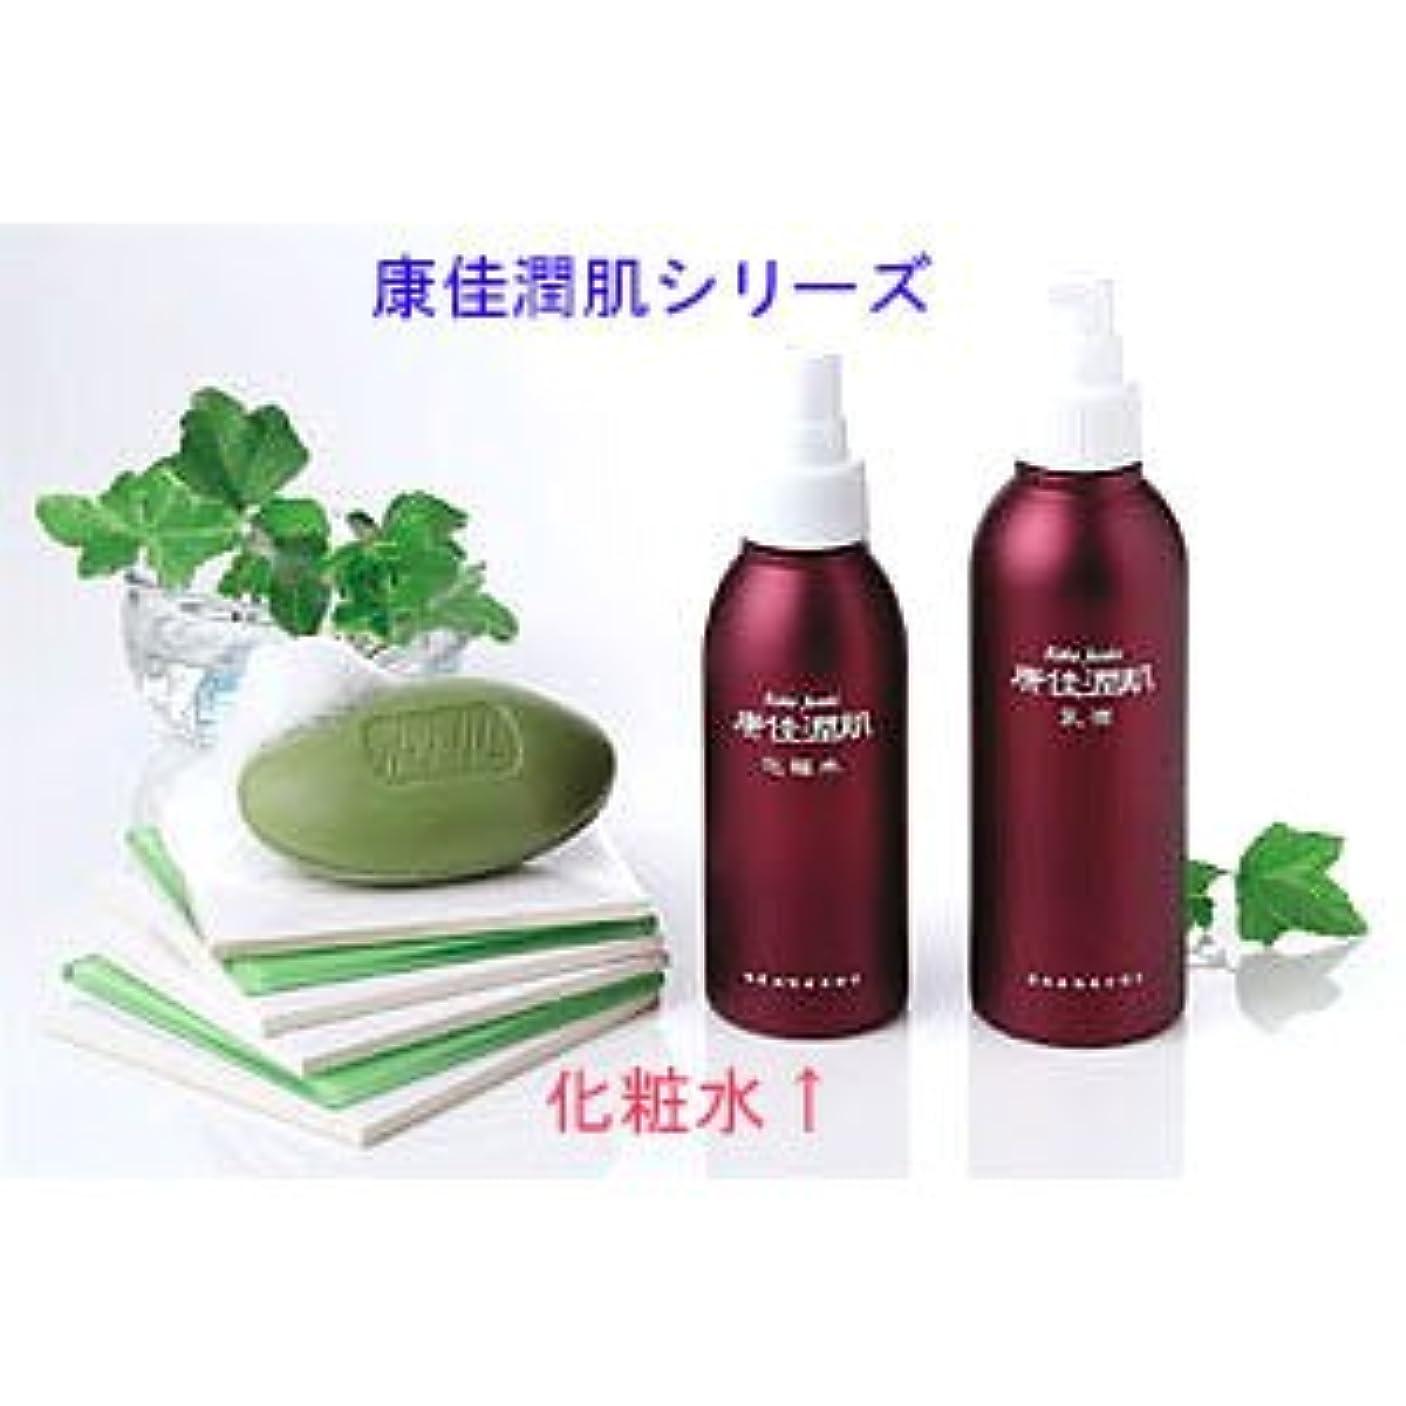 疎外する集中どれでも『康佳潤肌(こうかじゅんき)化粧水』赤ちゃん、アトピー、敏感肌の方のために!医師が開発した保湿と清浄に優れた漢方薬入り化粧品。